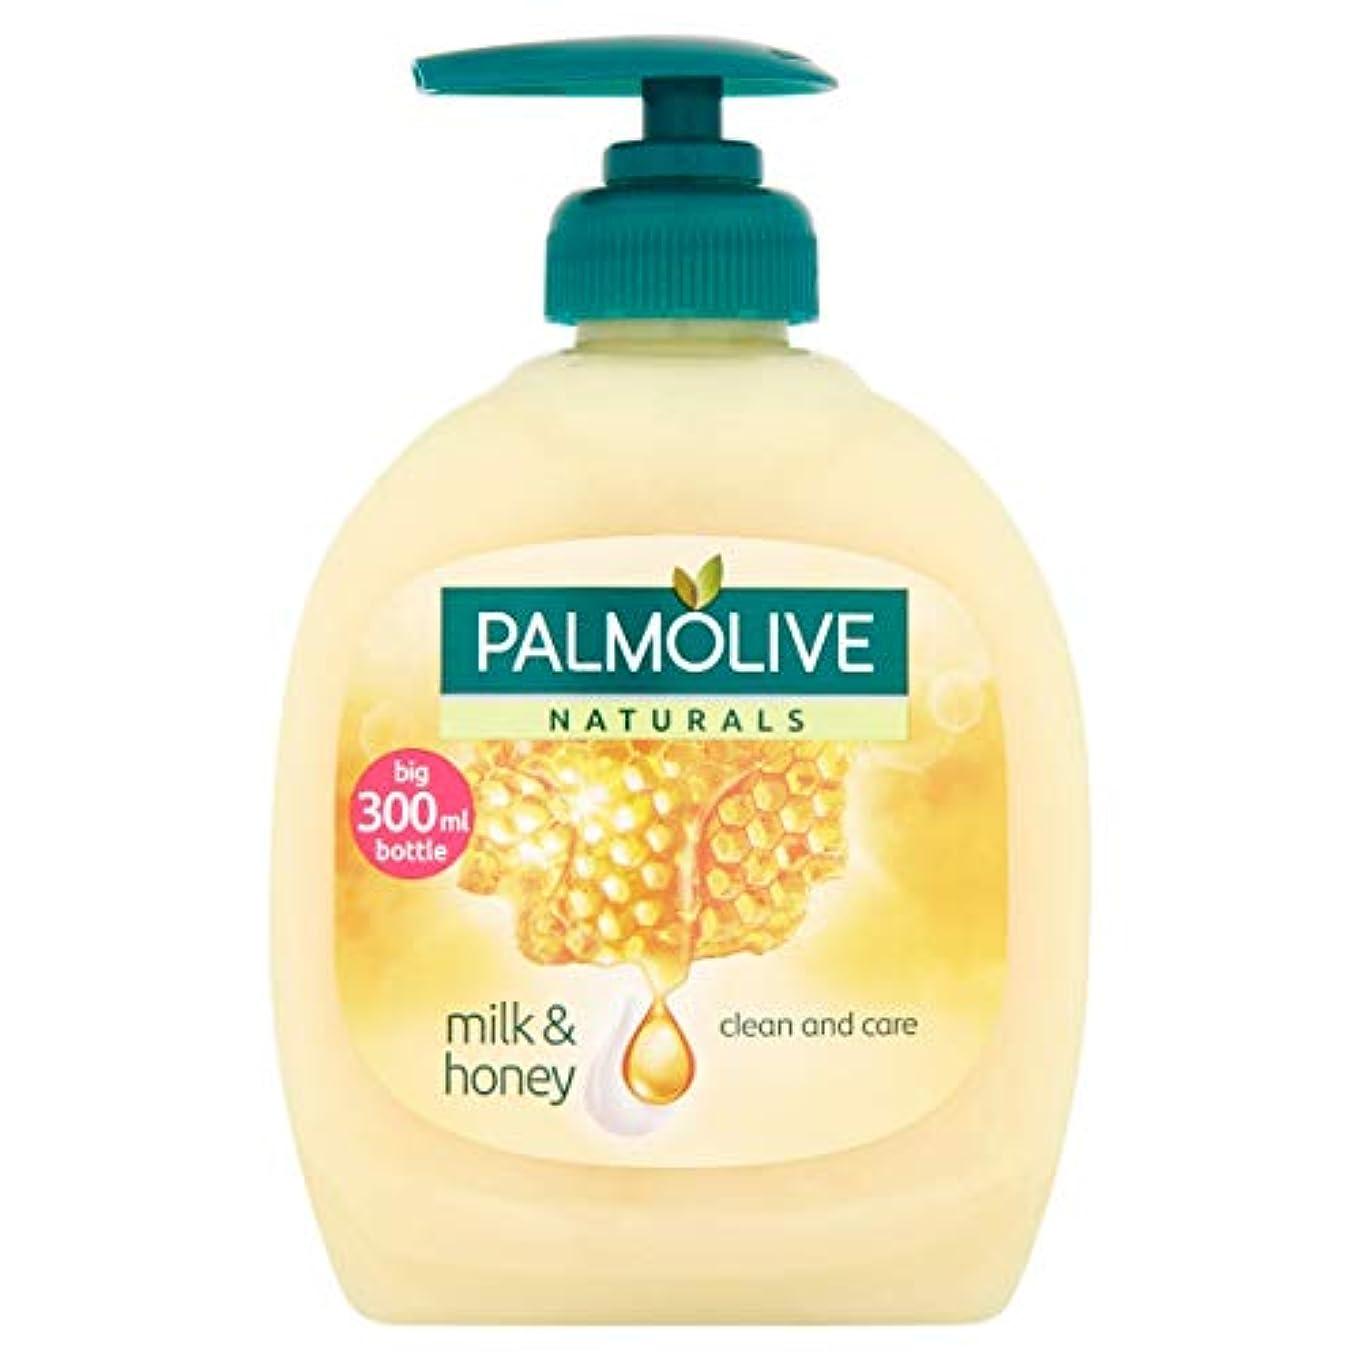 段落軸バンPalmolive Naturals Milk & Honey Liquid Handwash by Palmolive